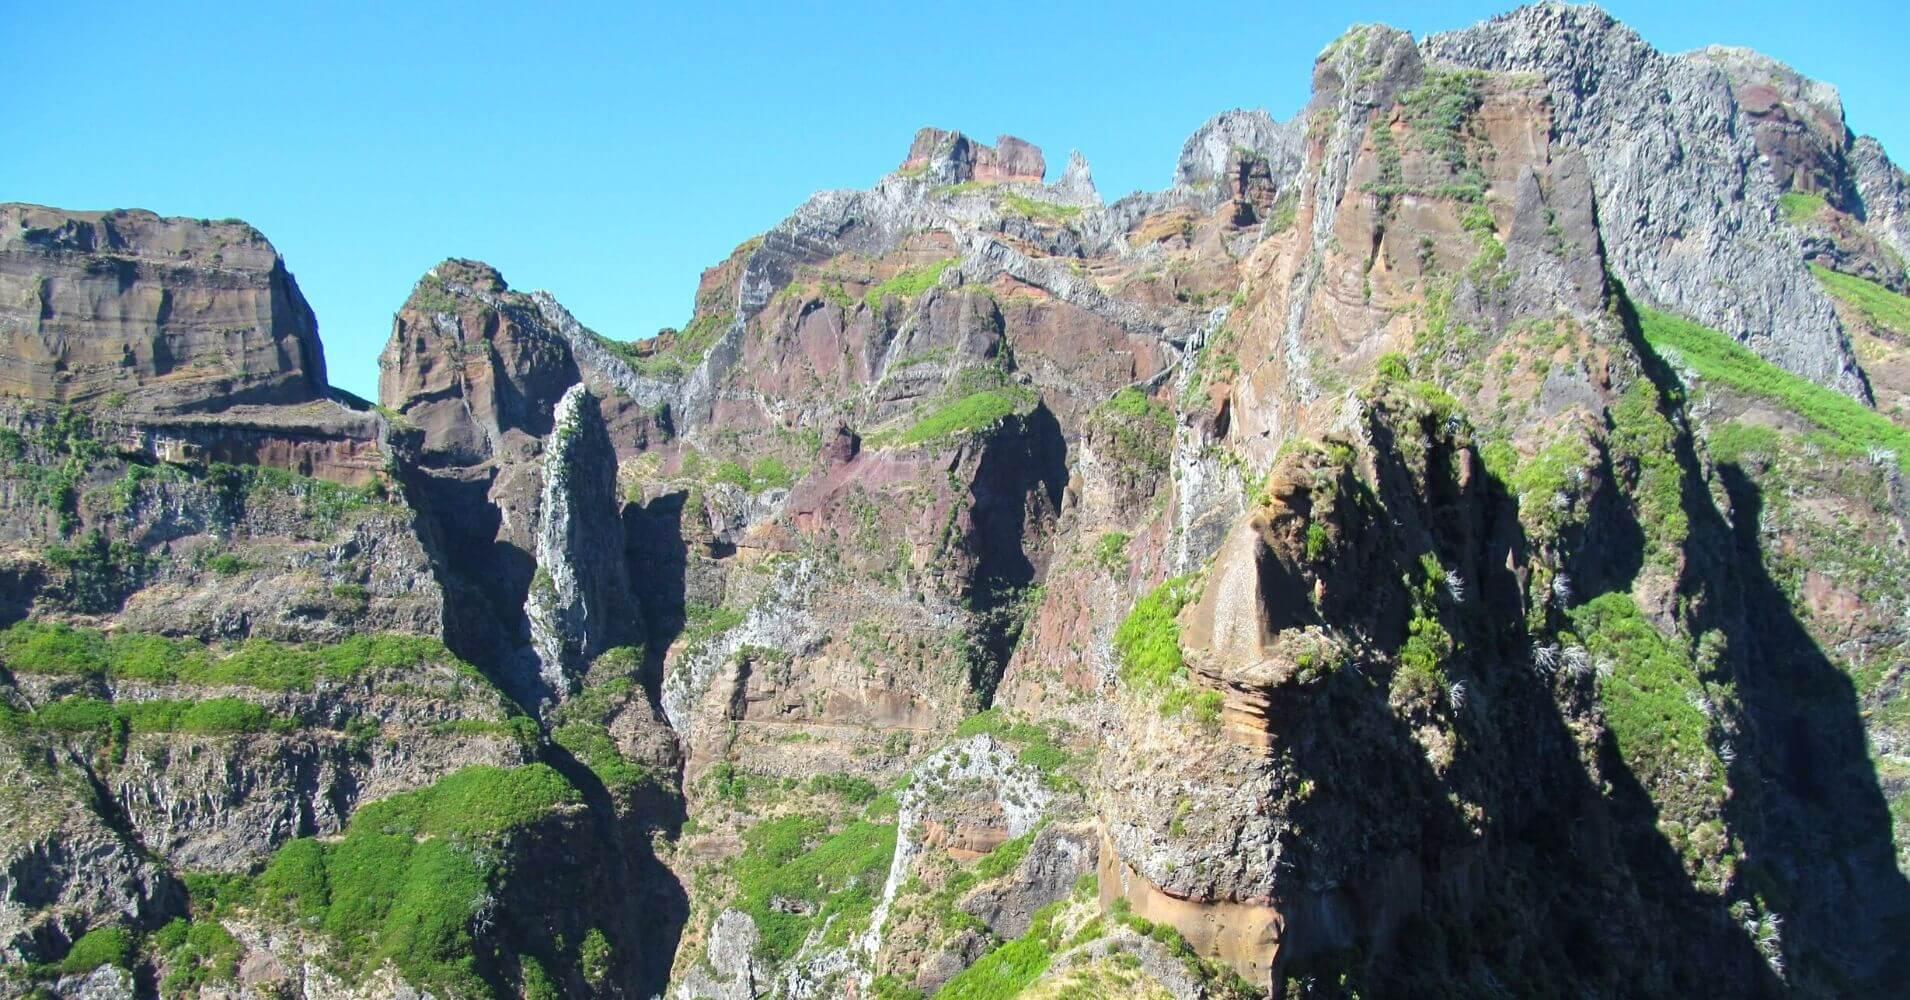 Montanas de Madeira. Vereda do Areeiro. Isla de Madeira, Portugal.